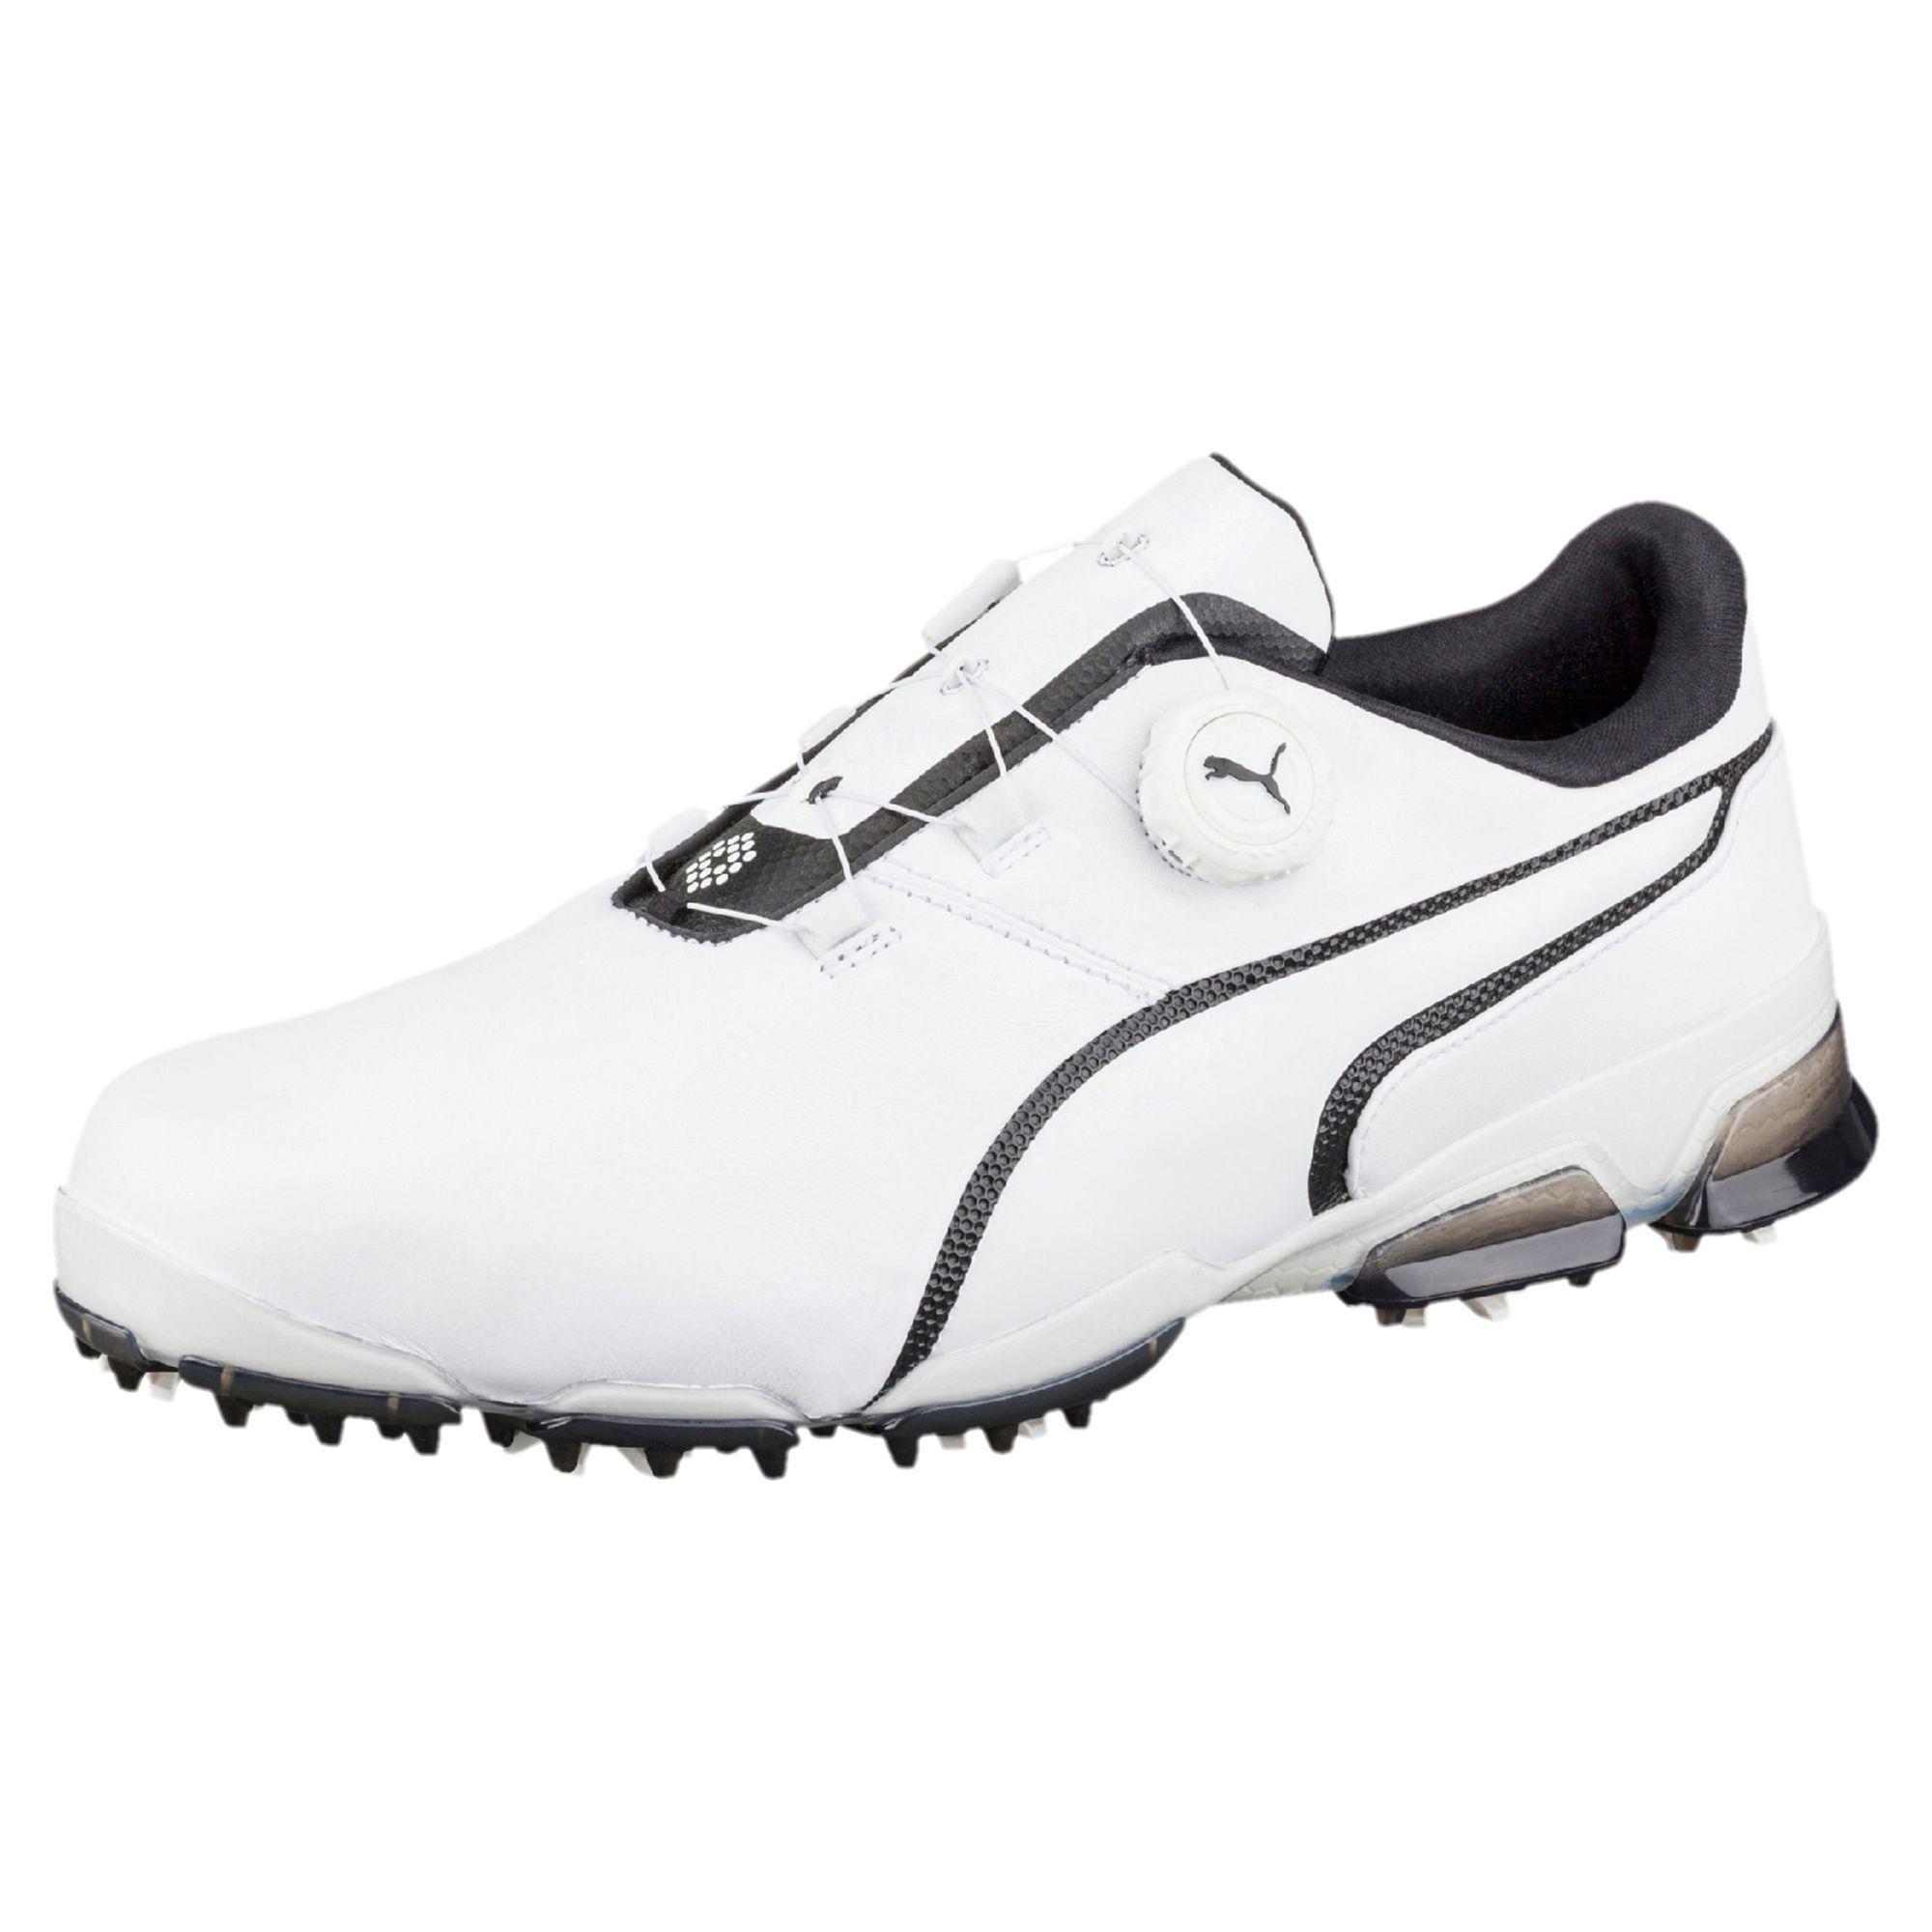 ТИТАН тур IGNITE DISC мужской обуви для гольфа